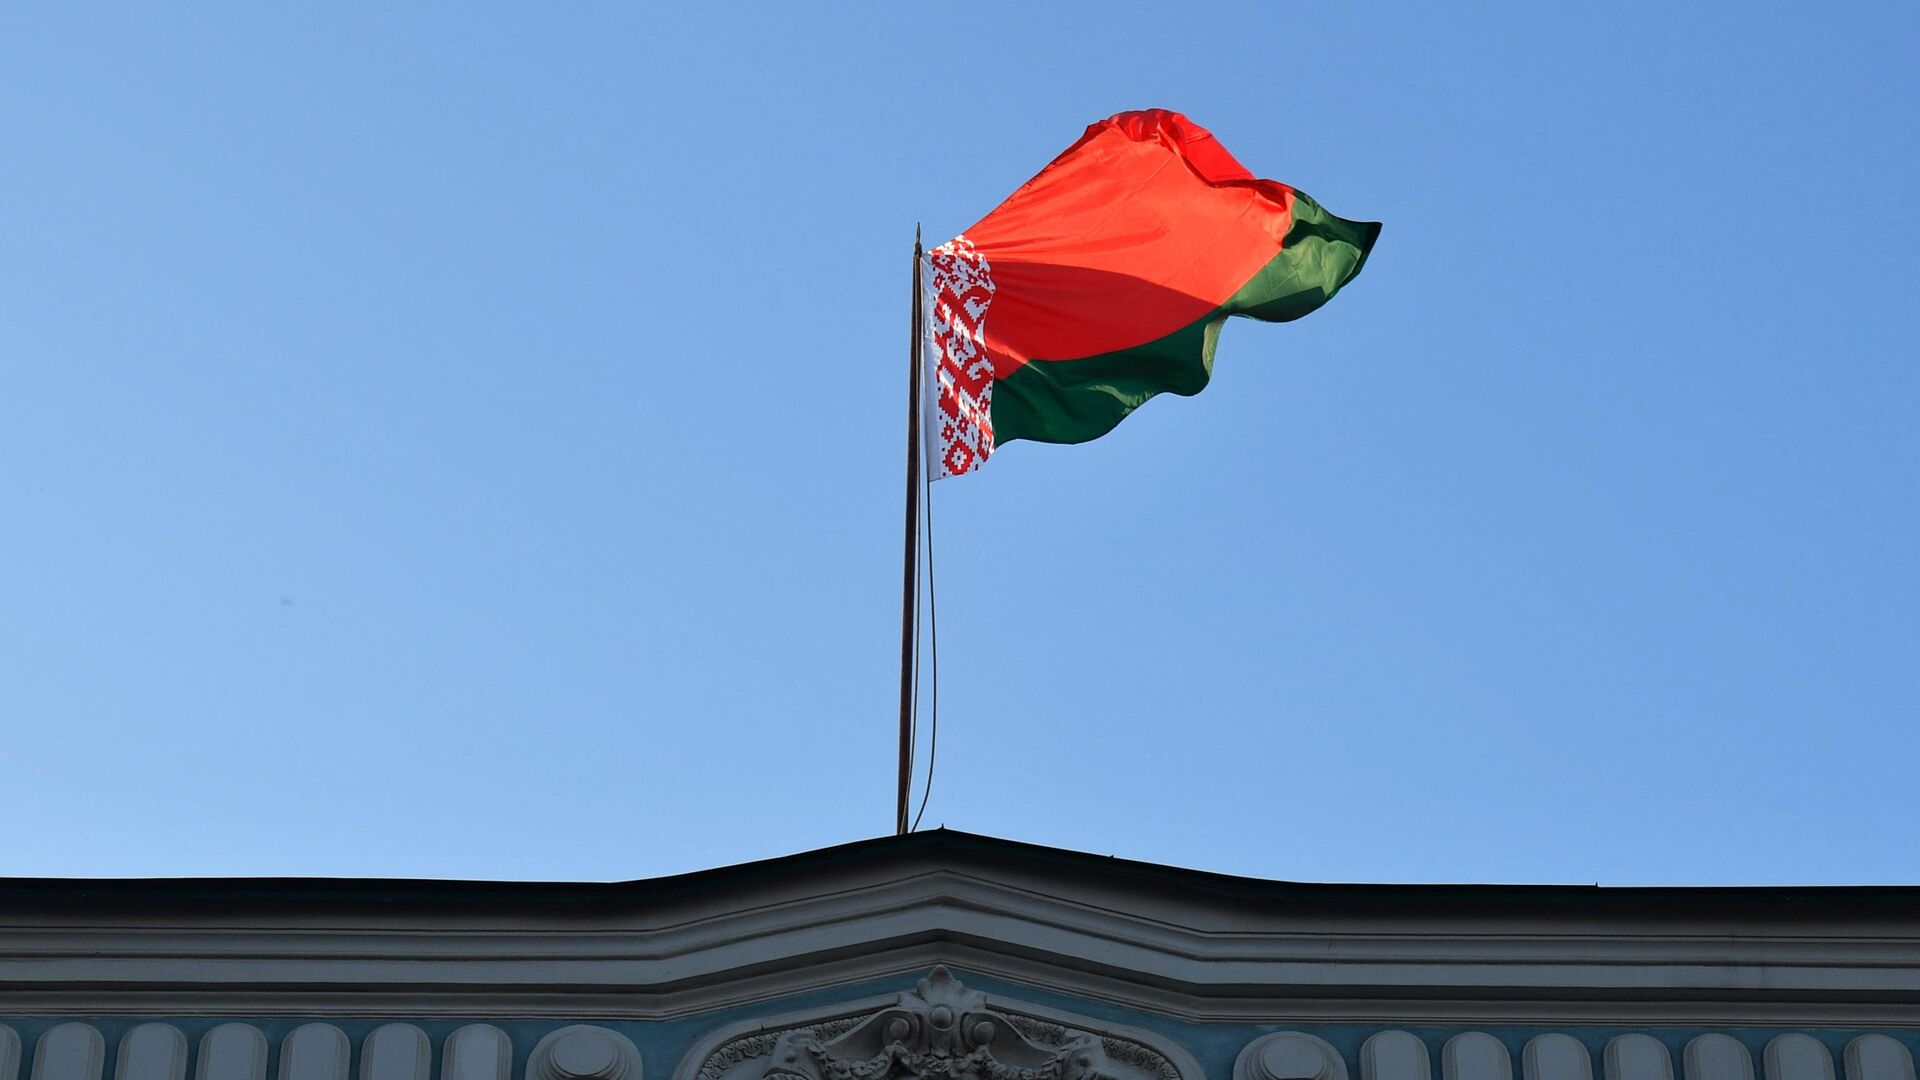 Bandera de Bielorrusia (imagen referencial) - Sputnik Mundo, 1920, 09.03.2021